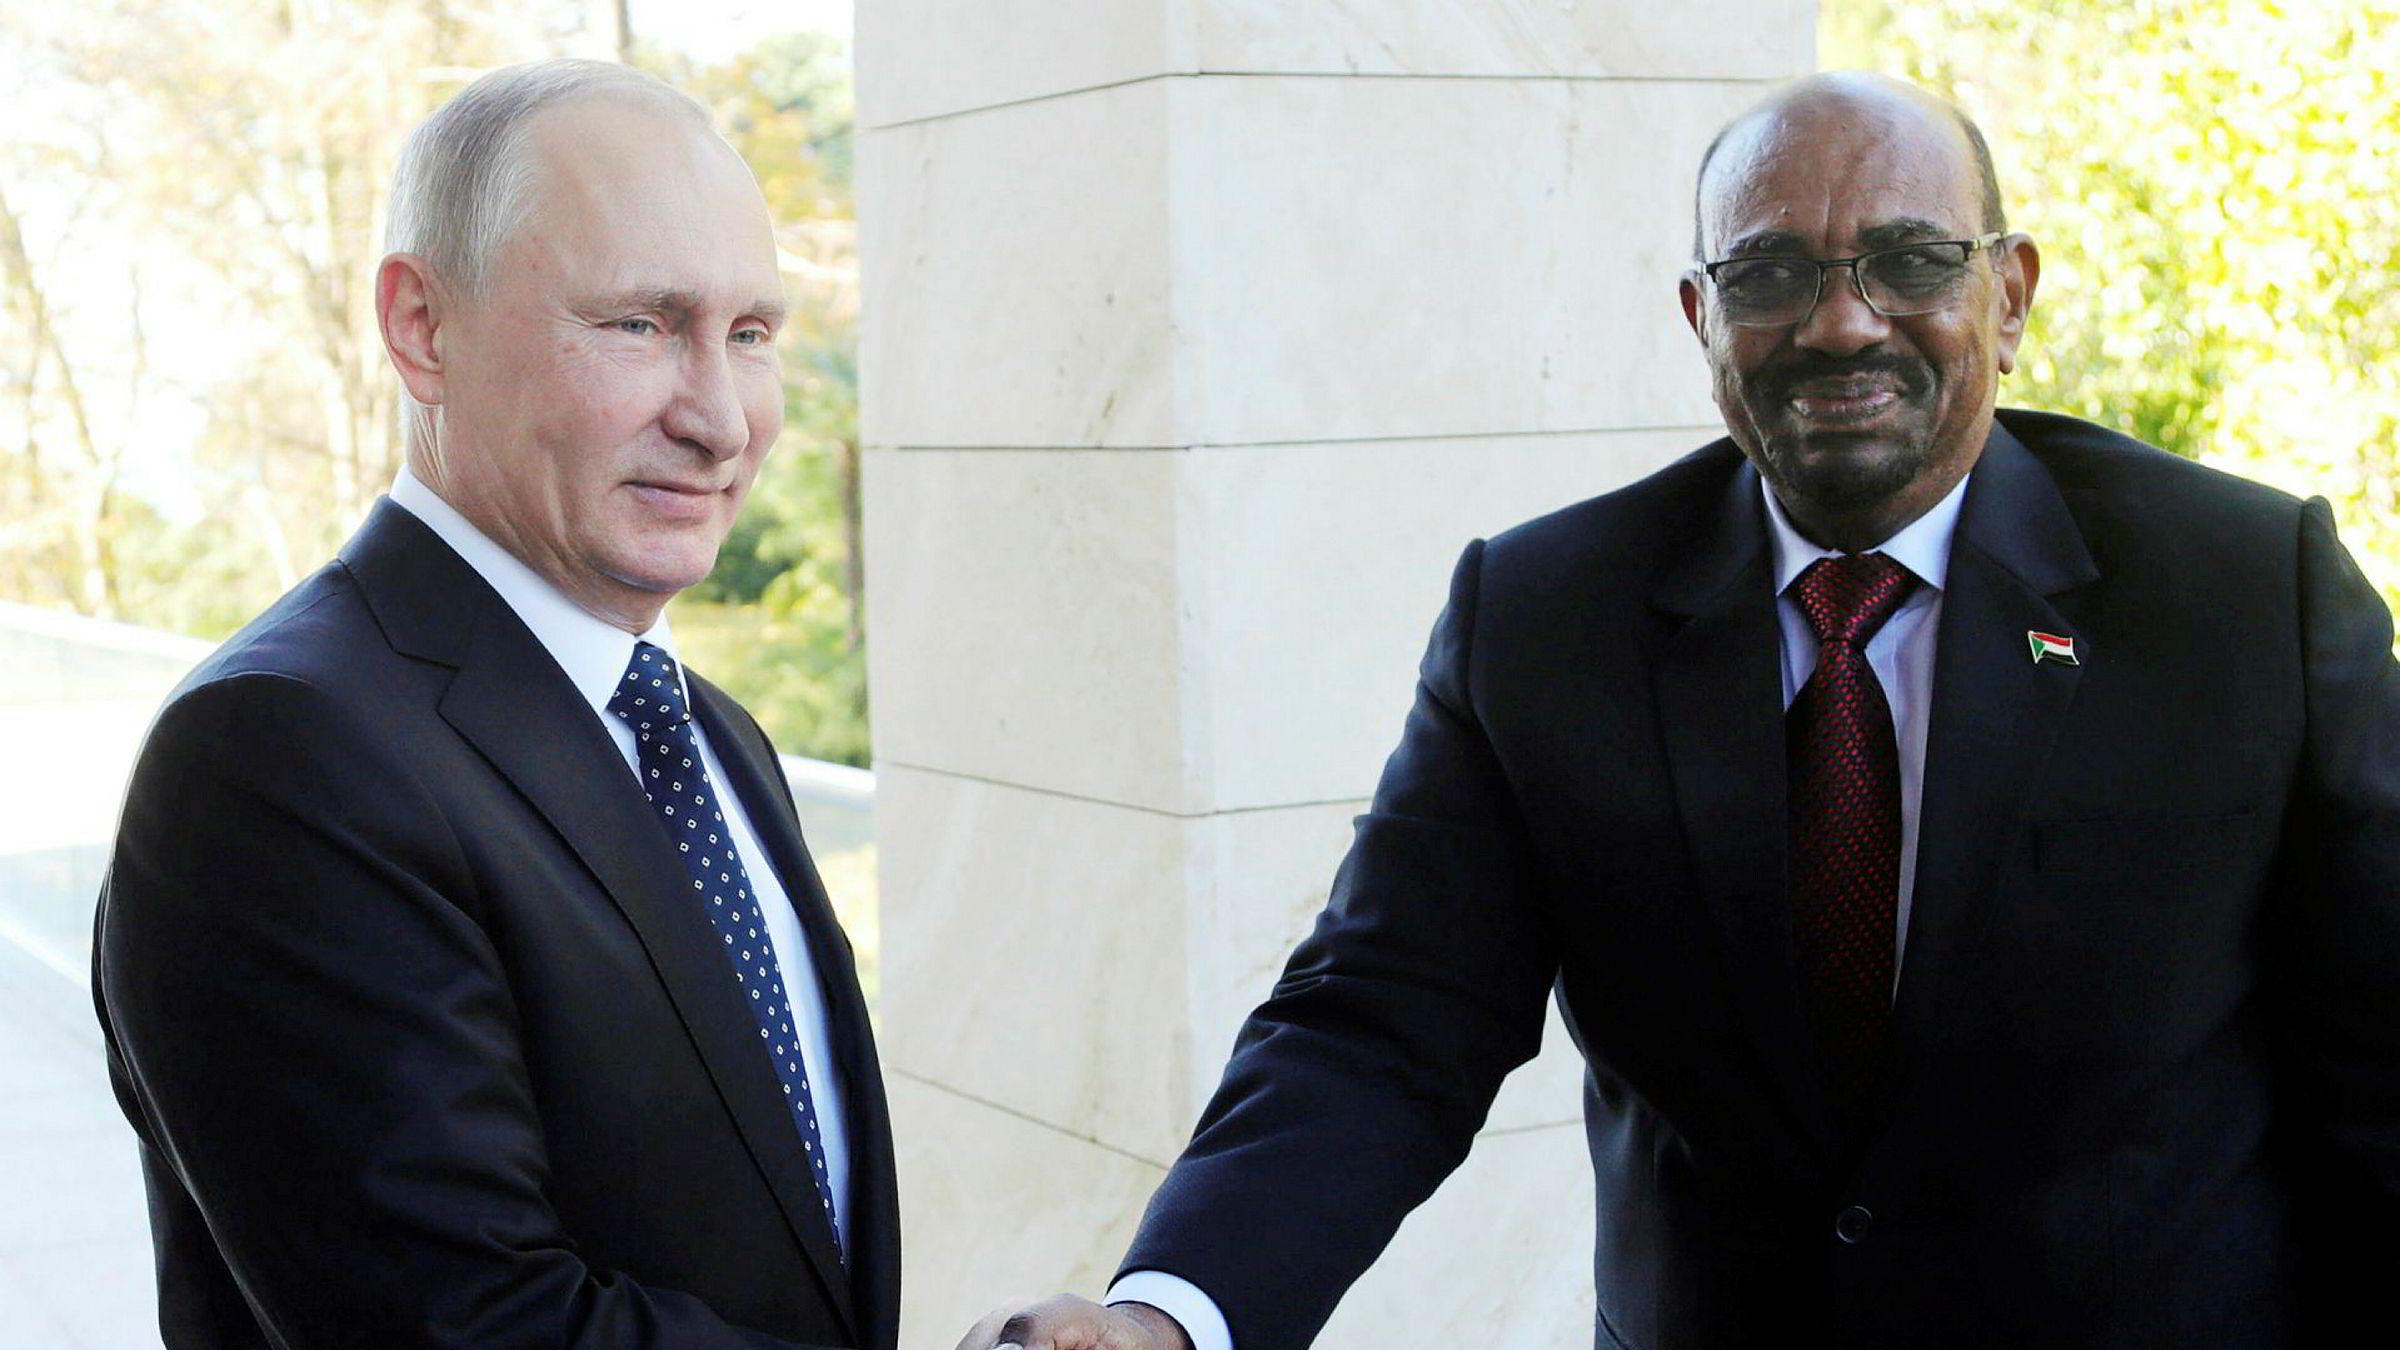 Omar Al-Bashir er siktet for krigsforbrytelser og folkemord, men det stopper ham ikke fra å dra på statsbesøk. Her hilser han på Russlands president Vladimir Putin i Moskva torsdag.